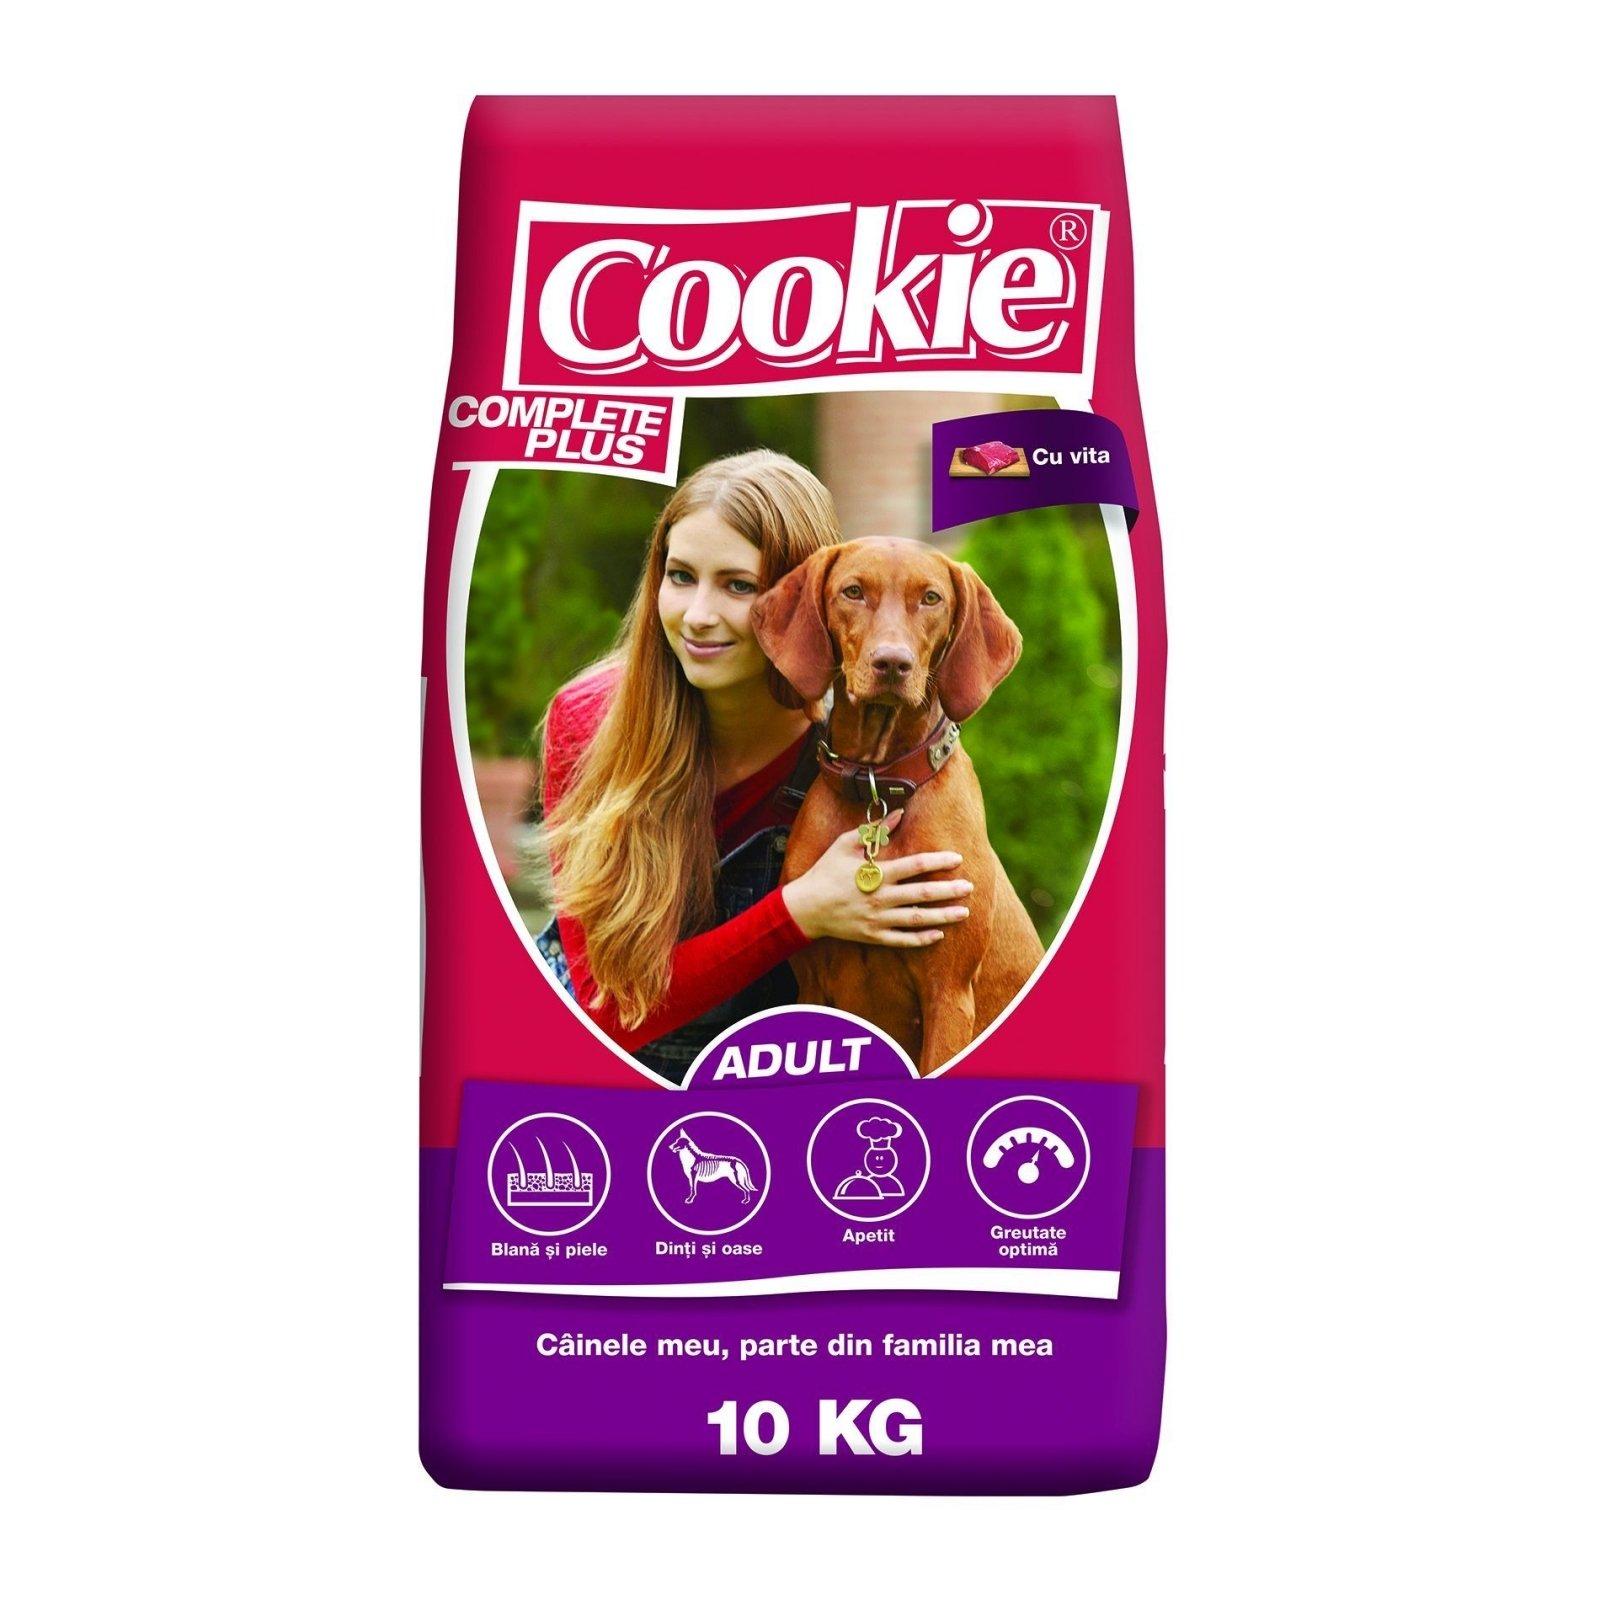 Cookie Complete Plus Adult cu Vita, 10 kg